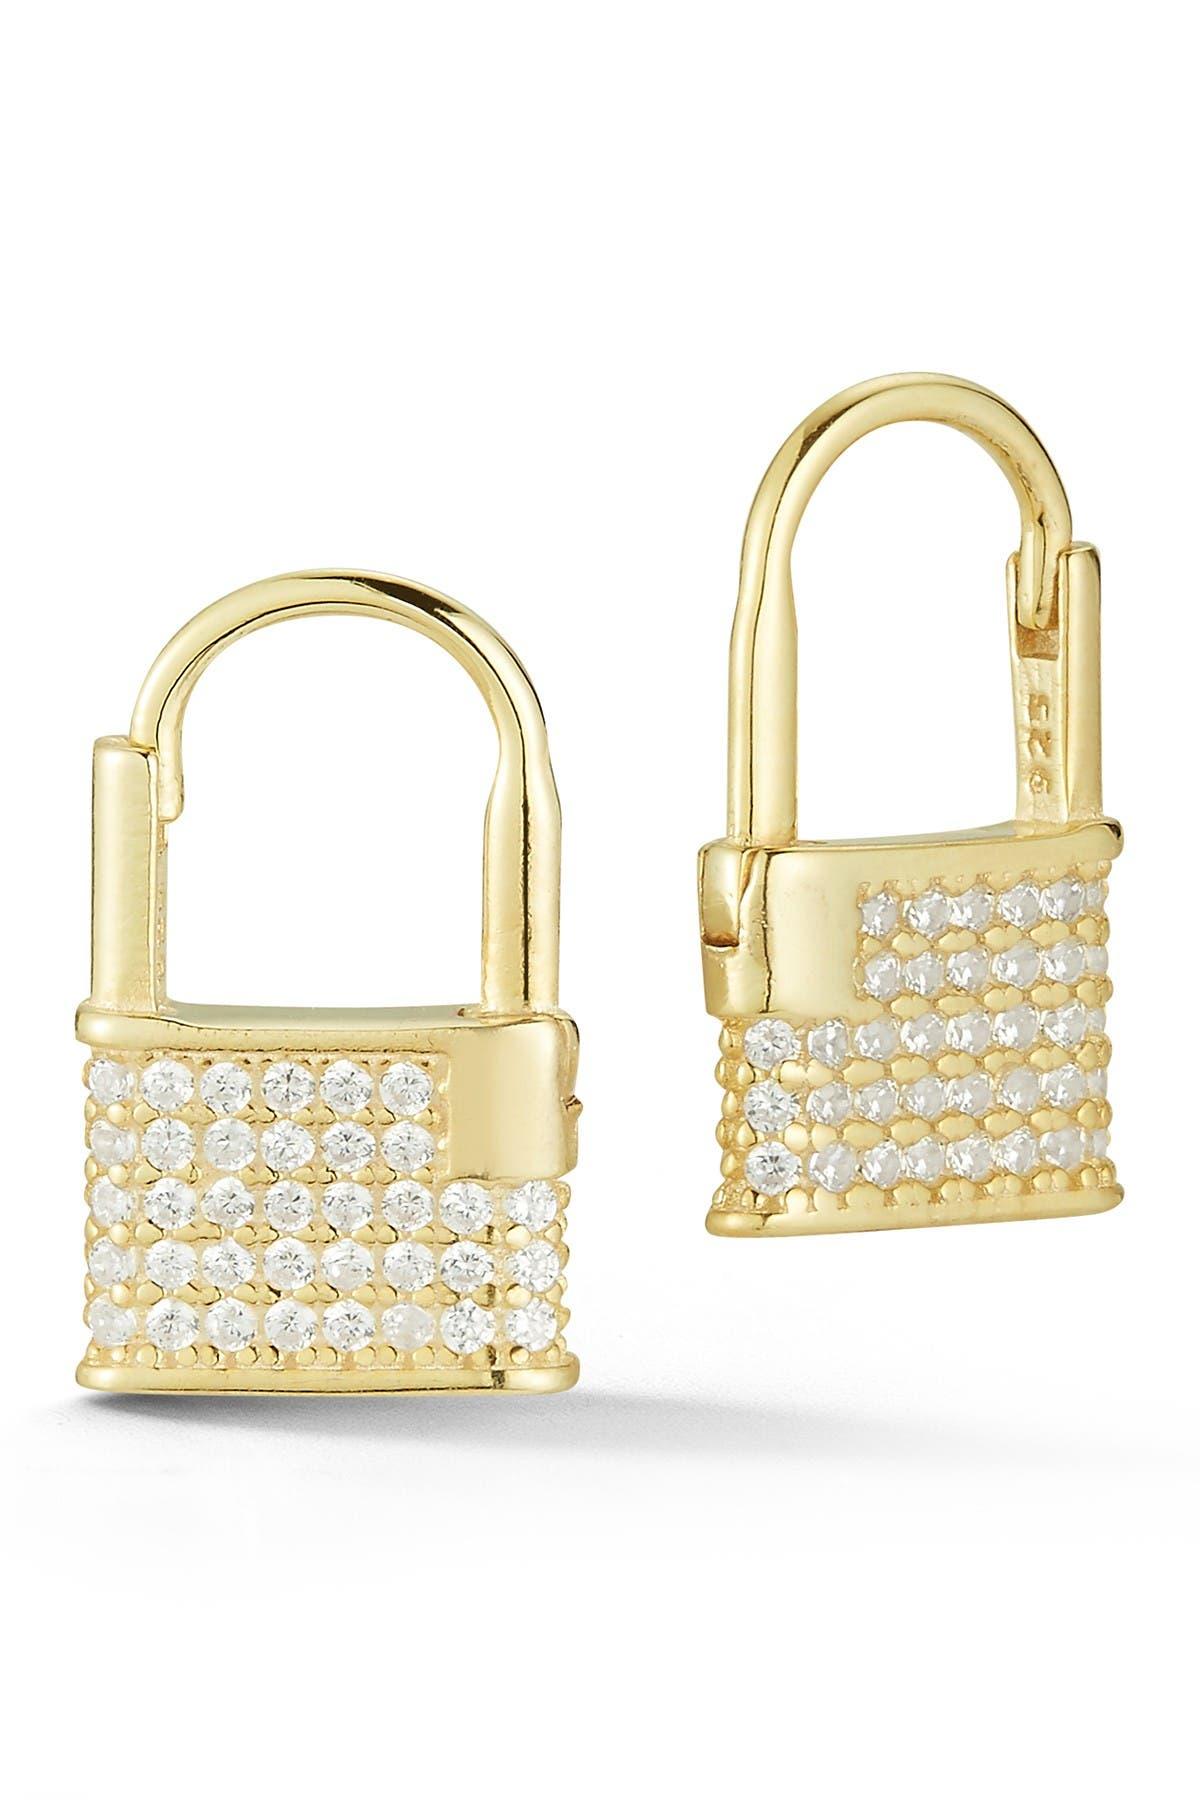 Image of Sphera Milano Gold Vermeil Padlock Earrings